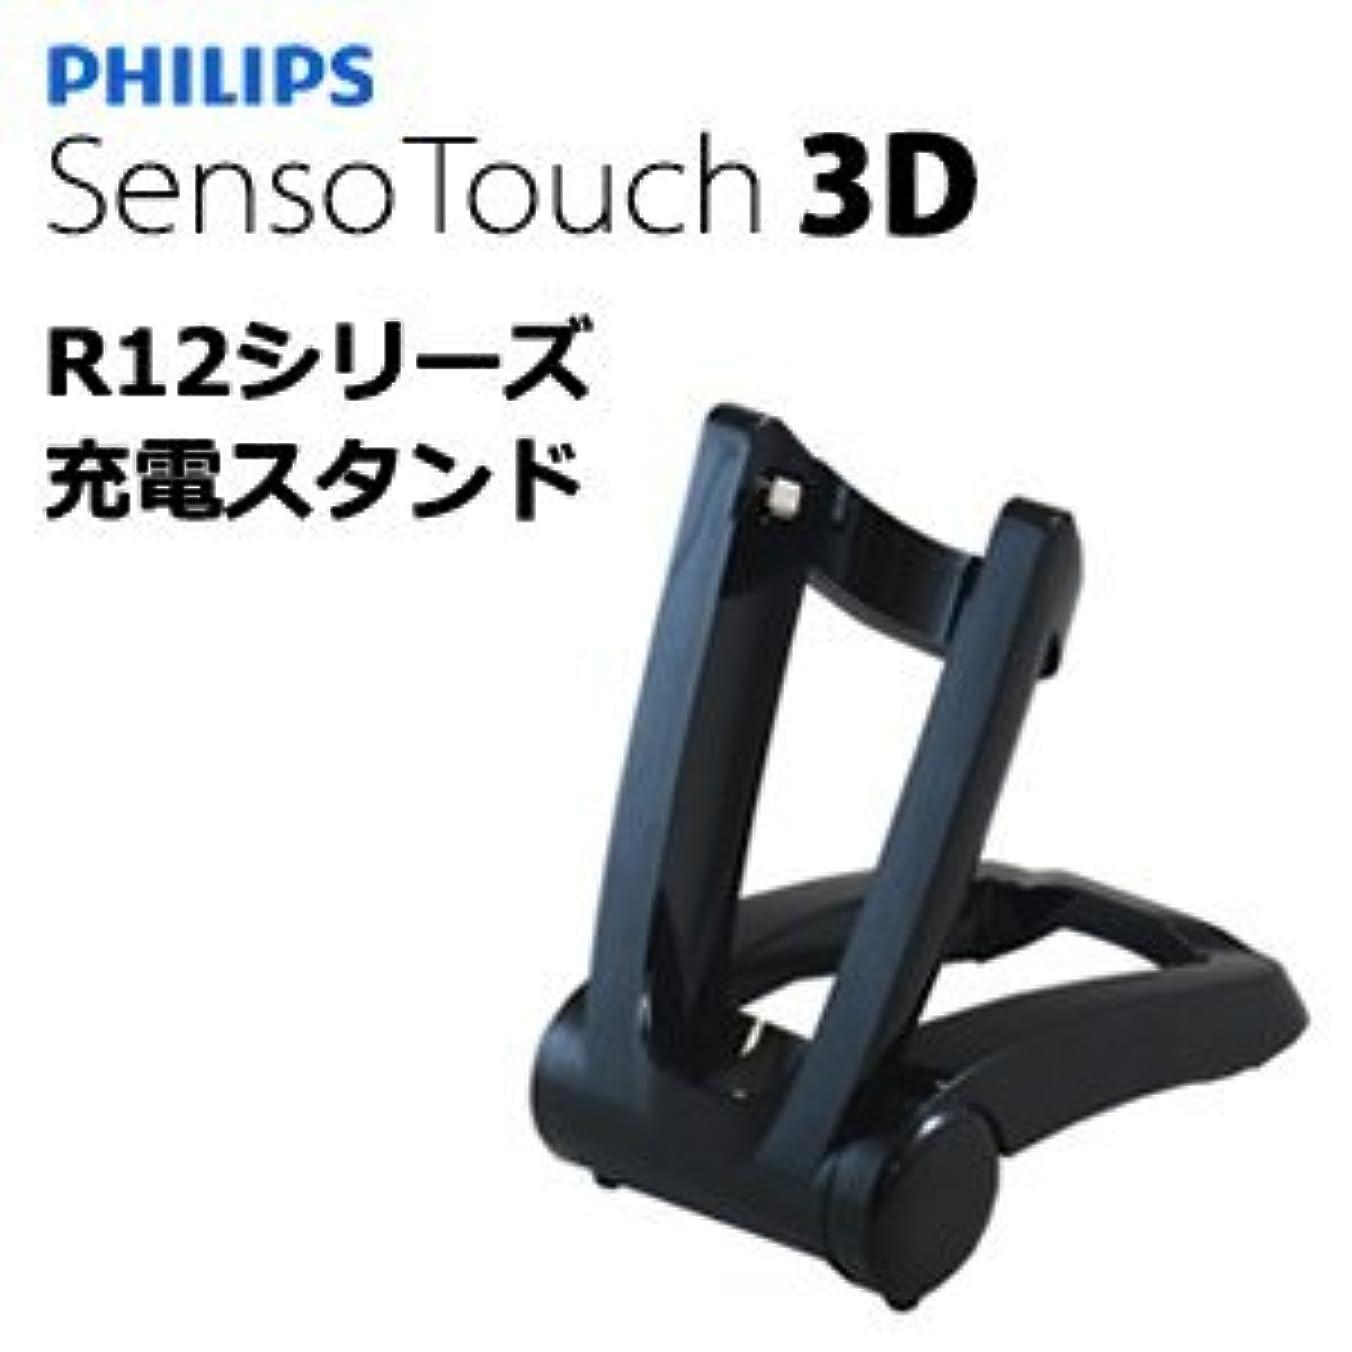 アンティーク暗黙警察署PHILIPS 電動シェーバー Senso Touch 3D RQ12シリーズ 充電器 チャージャースタンド フィリップス センソタッチ シリーズ 携帯 充電器 チャージャー スタンド